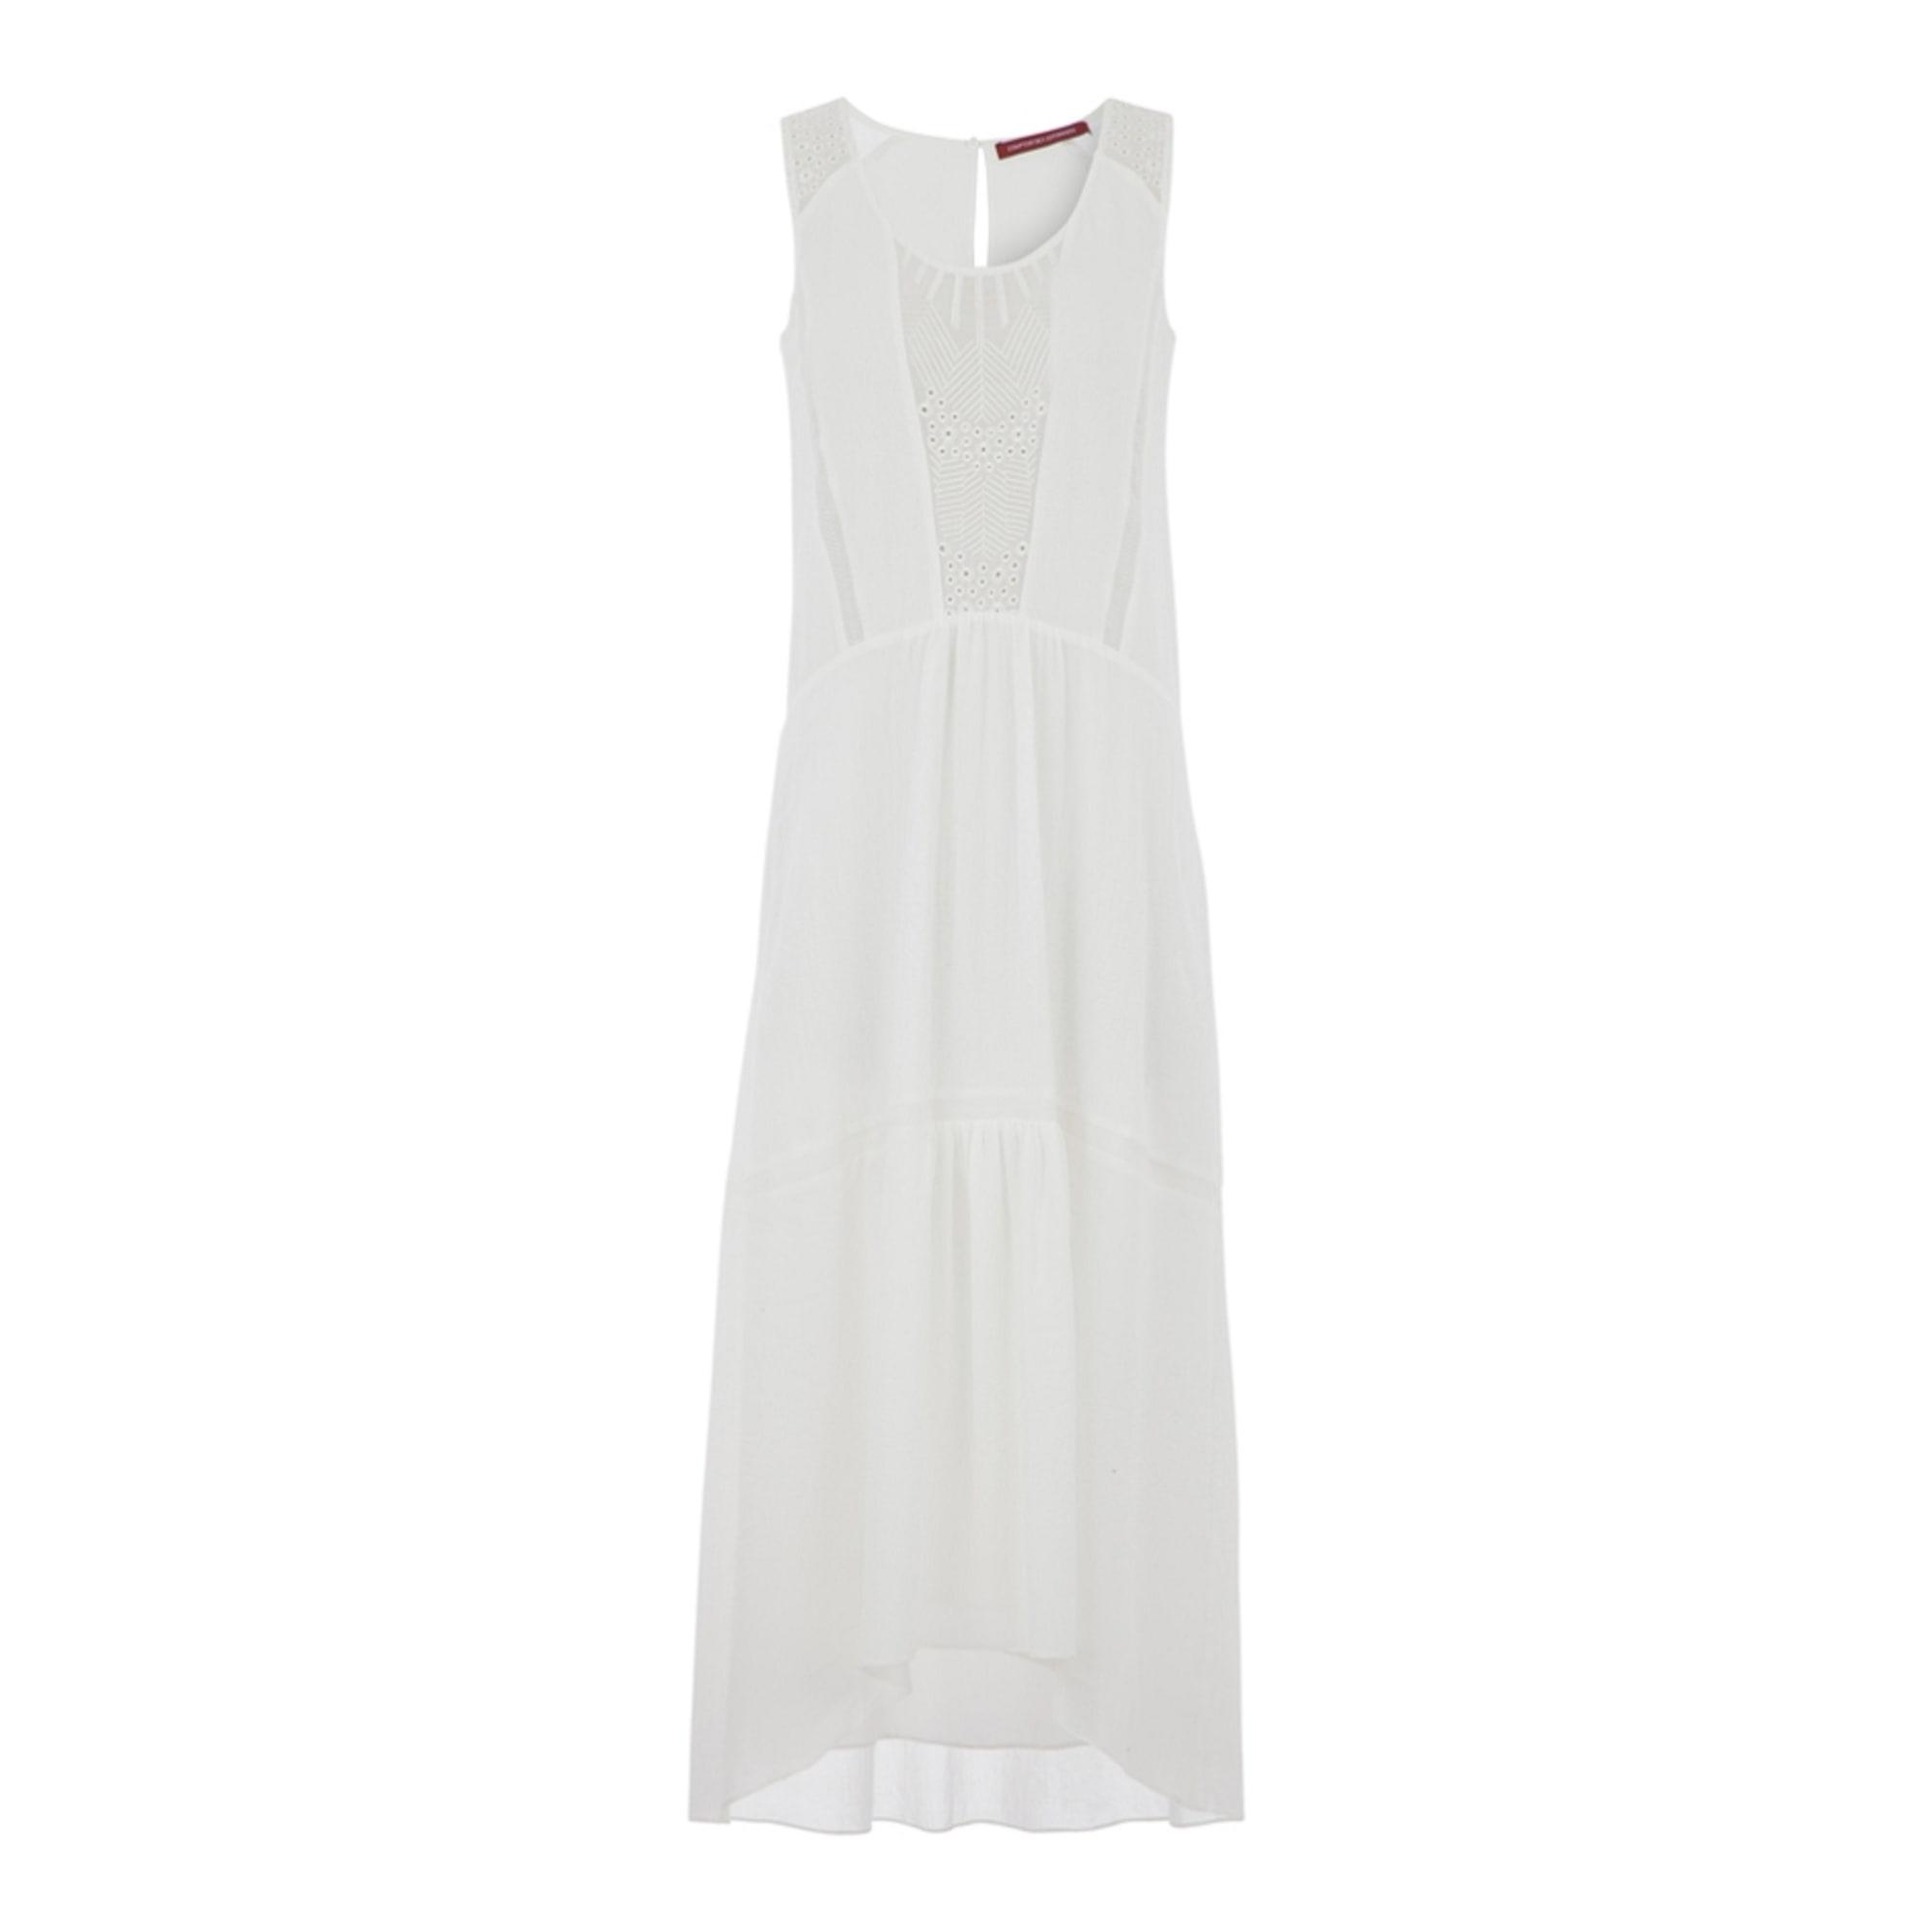 Robe longue comptoir des cotonniers 36 s t1 blanc 7821403 - Robe longue comptoir des cotonniers ...